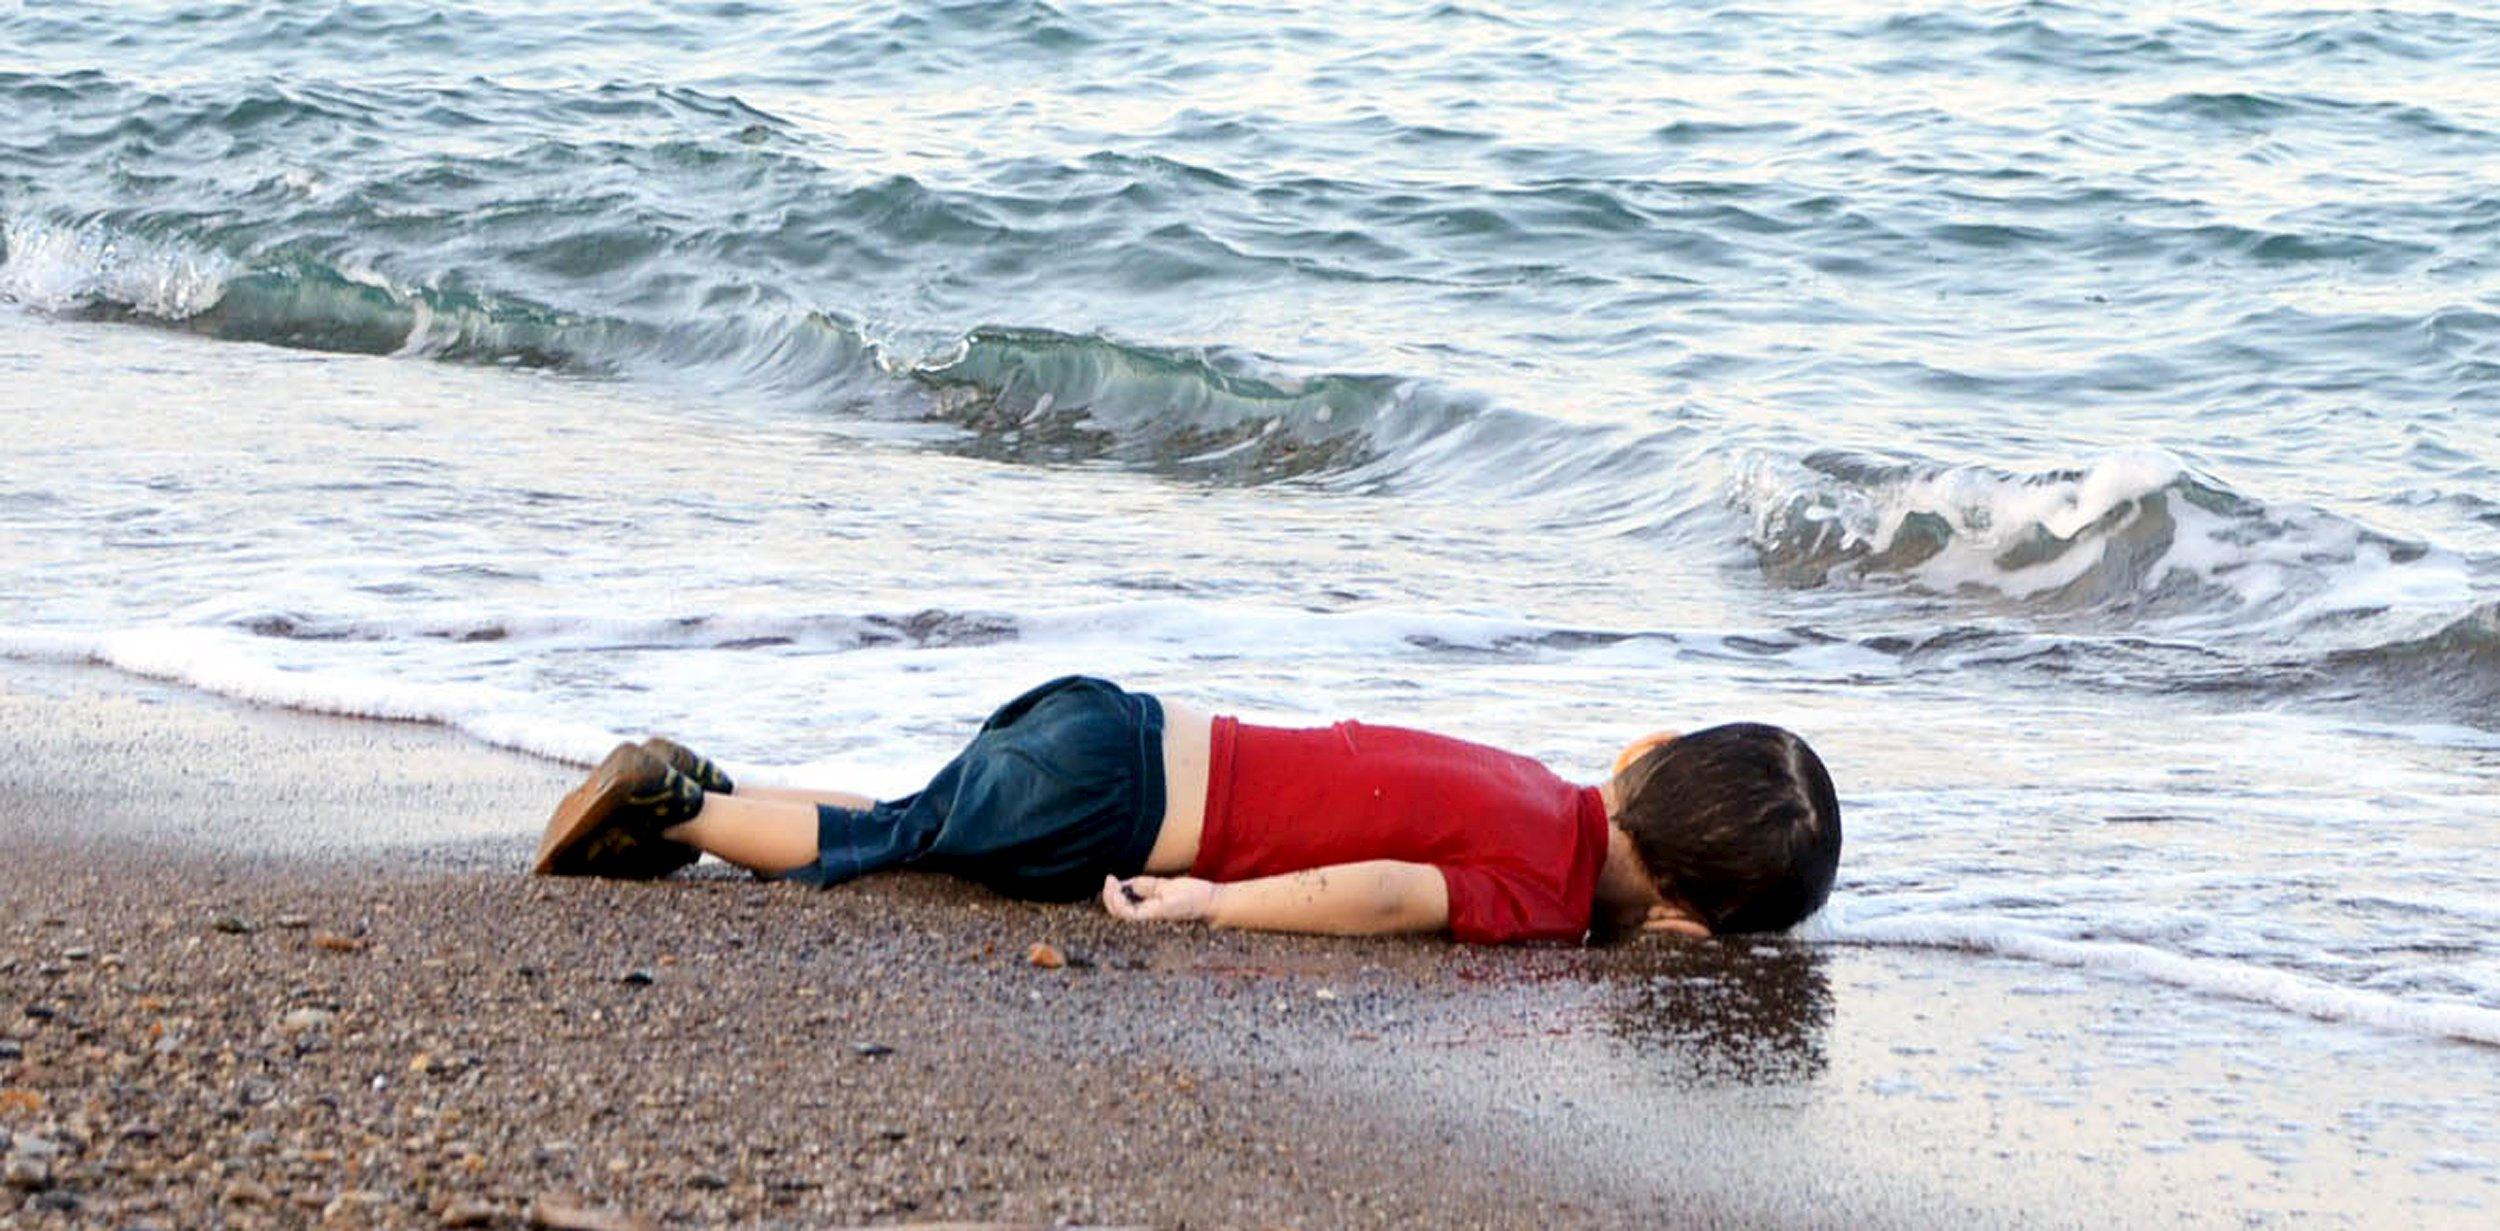 Migranti, le foto choc del bimbo siriano morto in spiaggia in Turchia